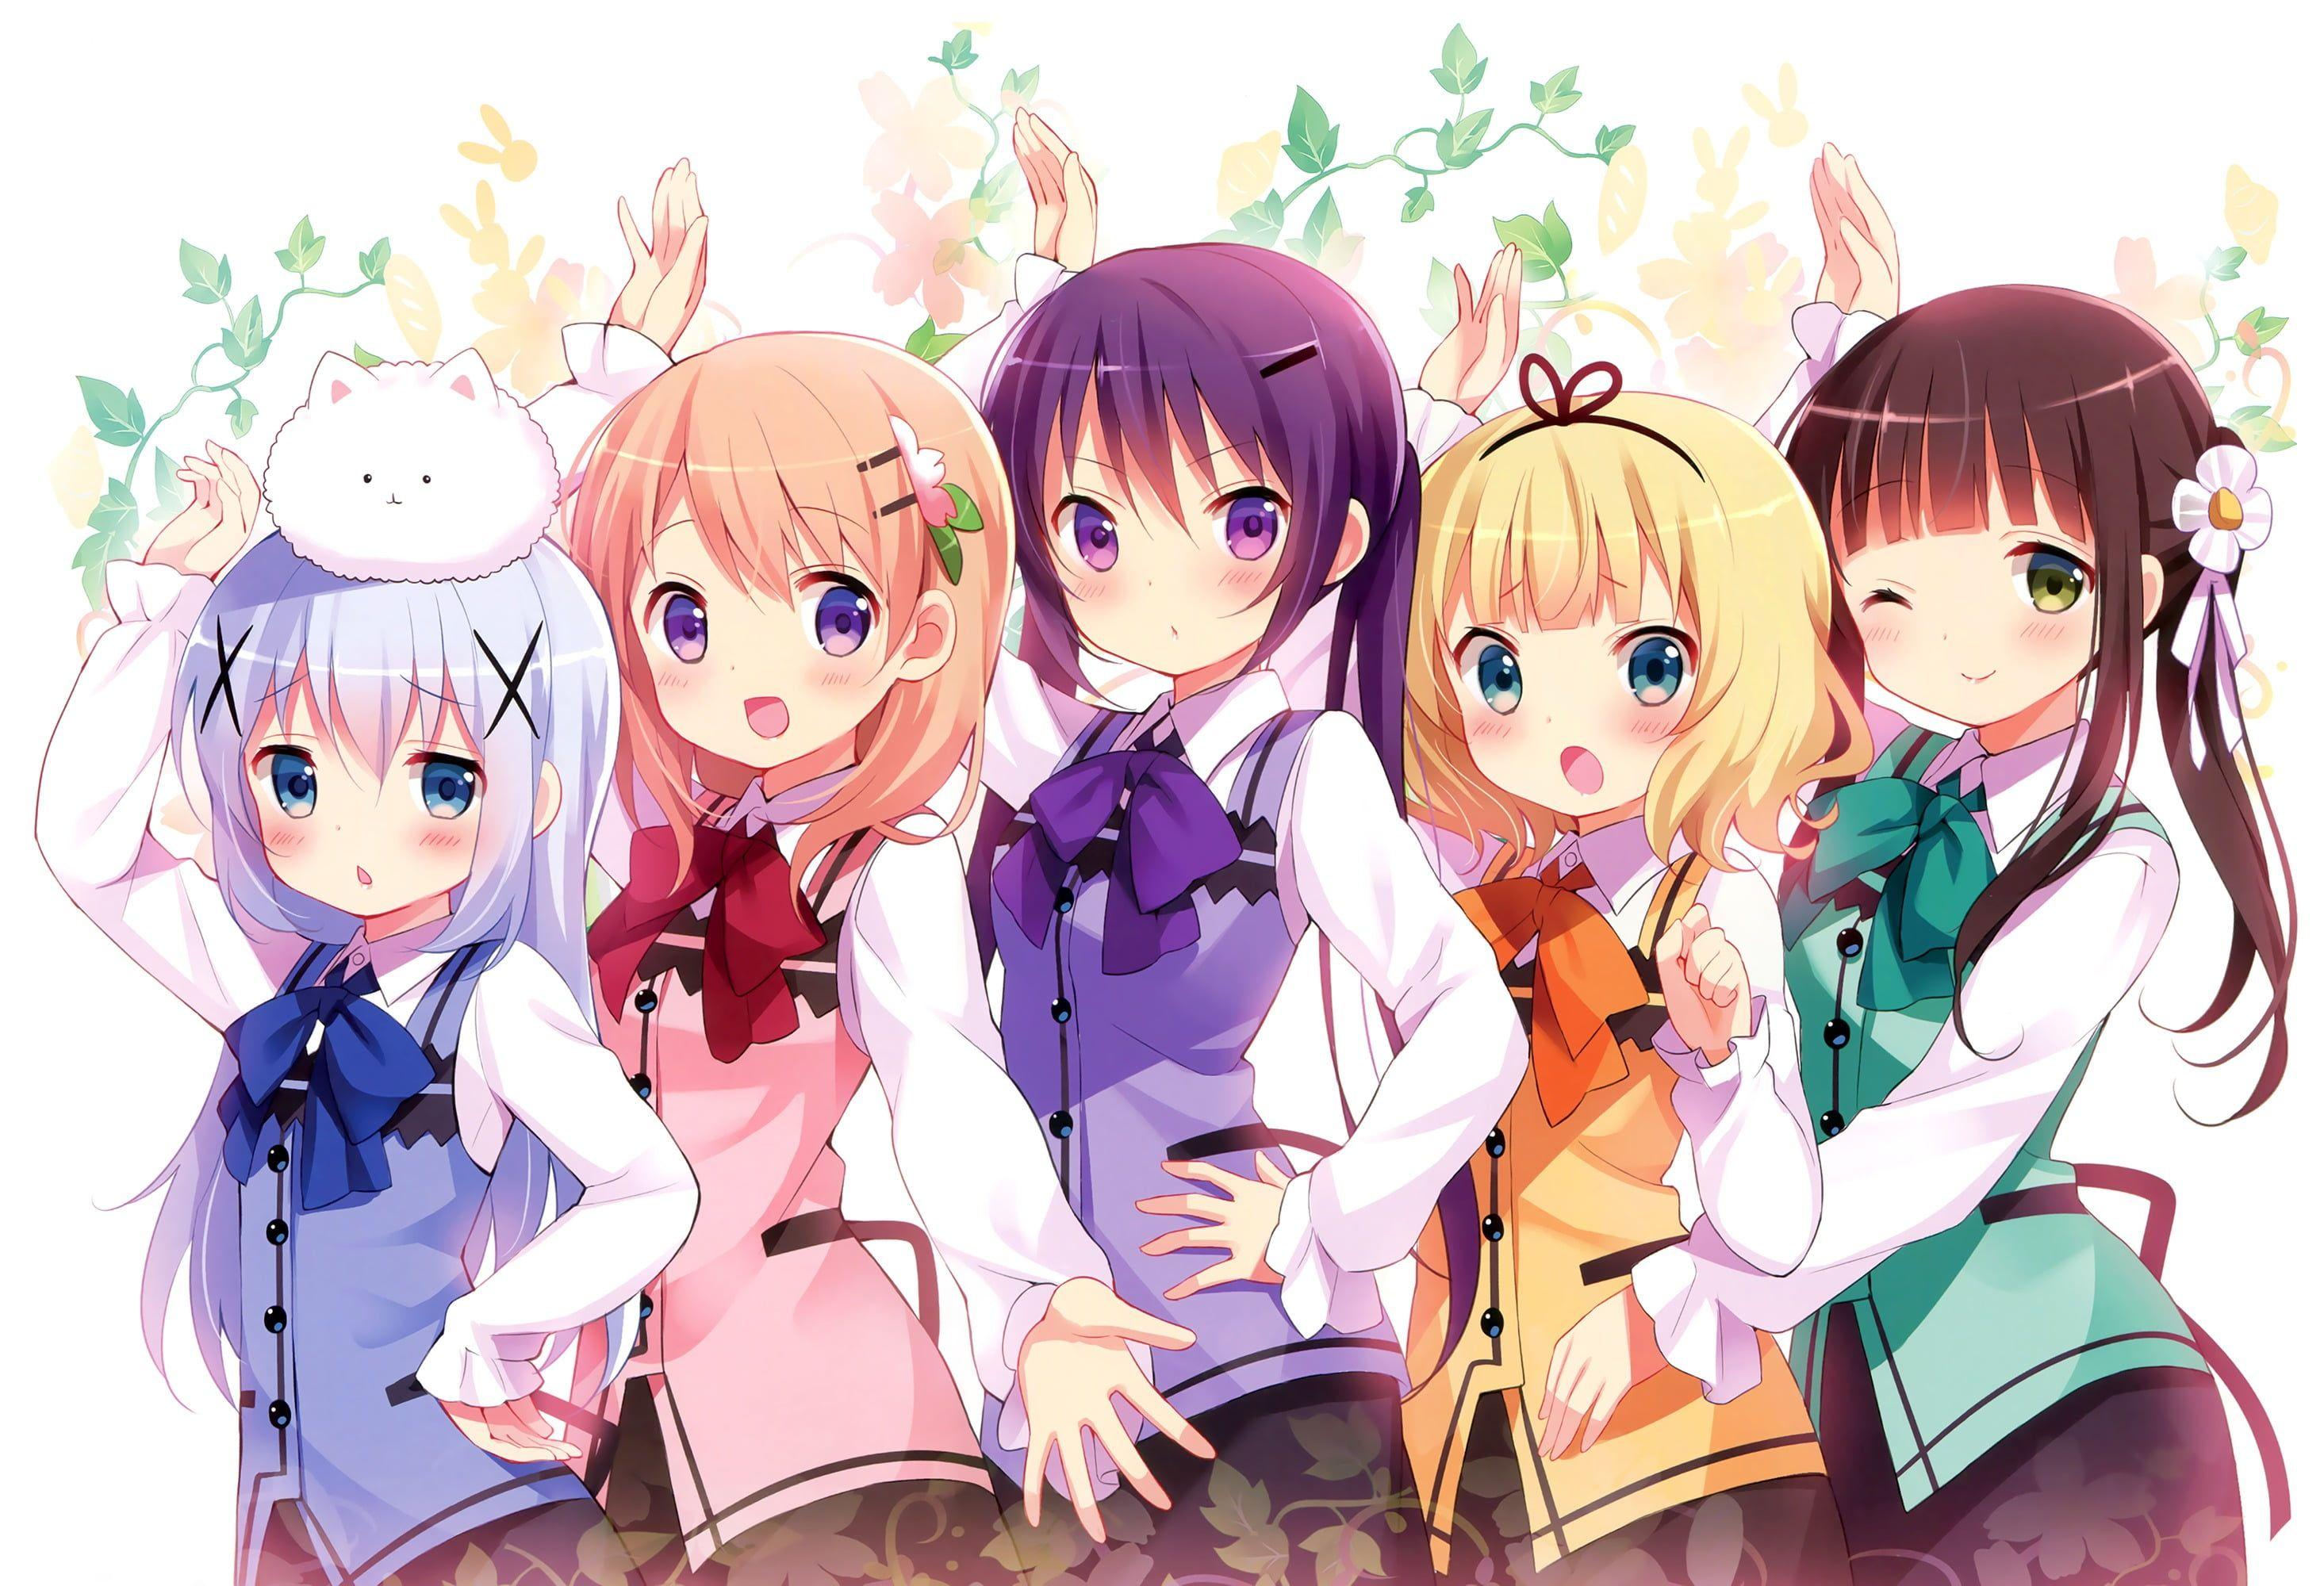 Pin On Gochiusa Anime friends wallpaper hd